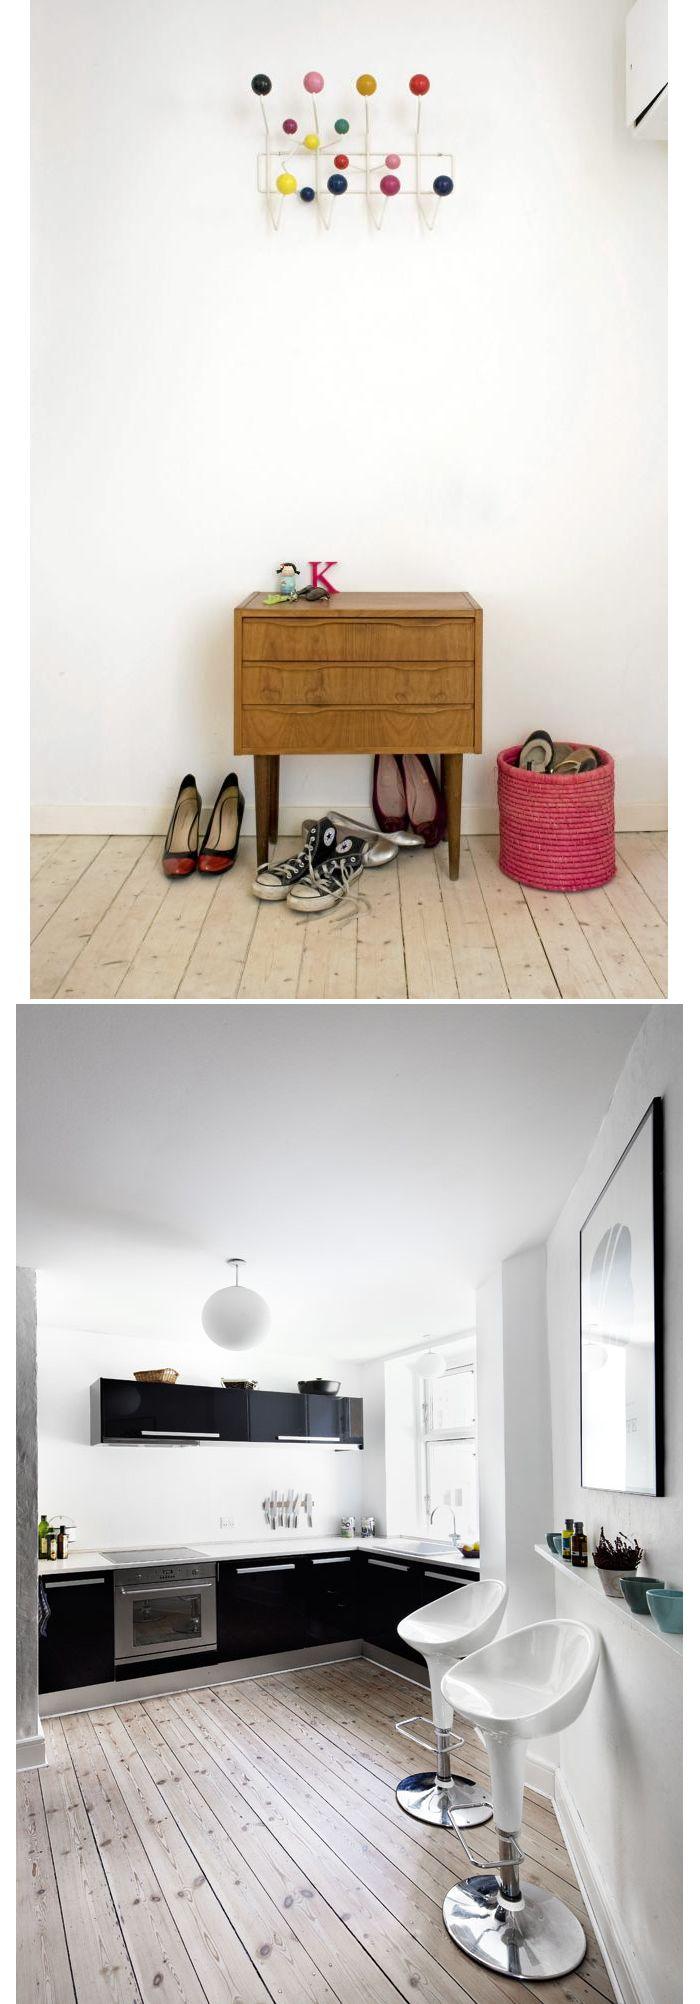 black kitchen Interior Design 22 best